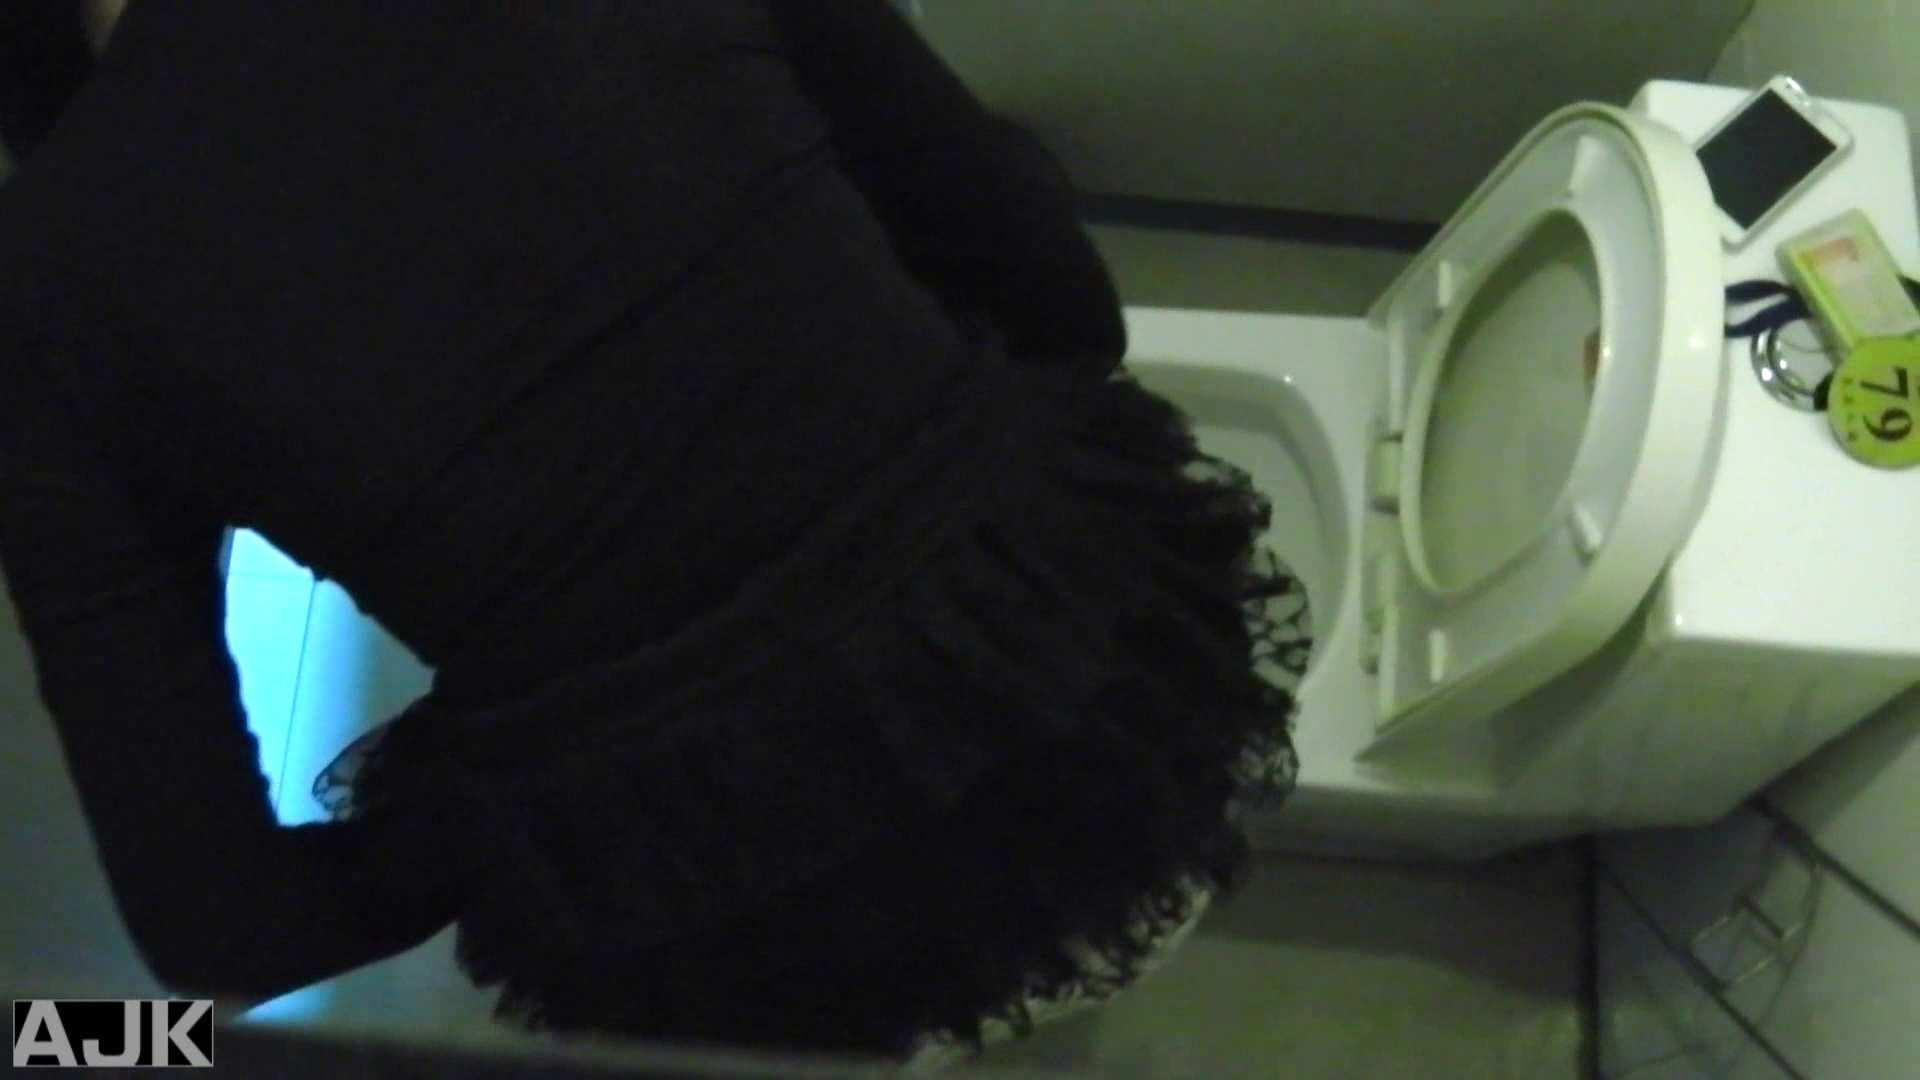 隣国上階級エリアの令嬢たちが集うデパートお手洗い Vol.23 お手洗い | OL  73連発 15